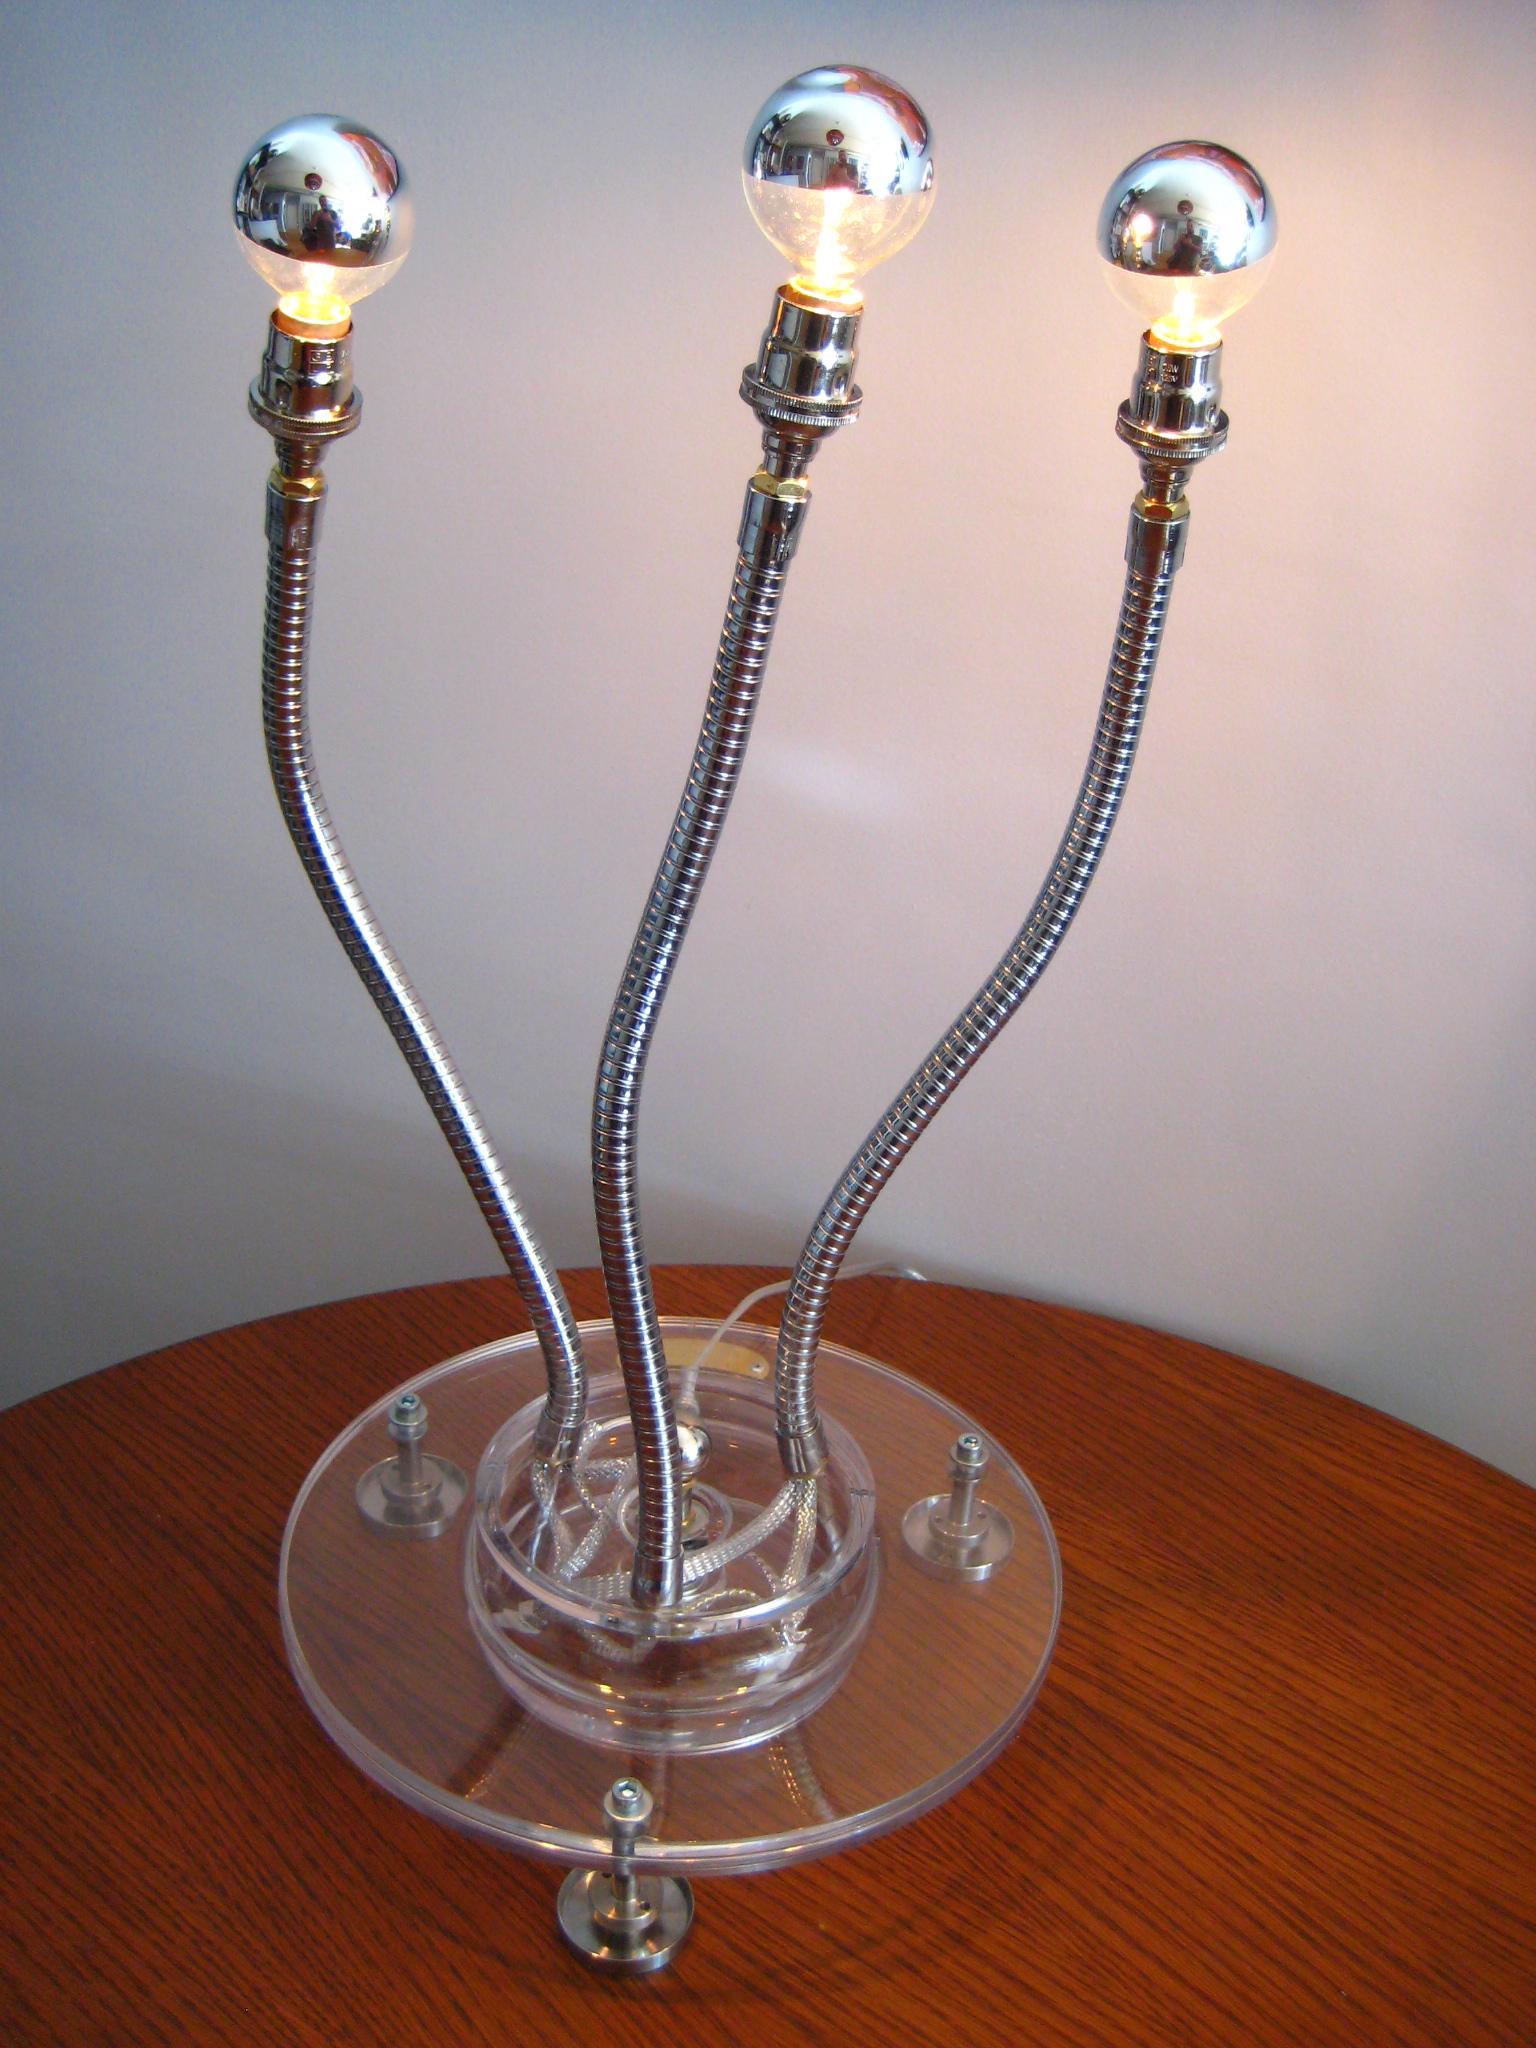 Robolux art lamps